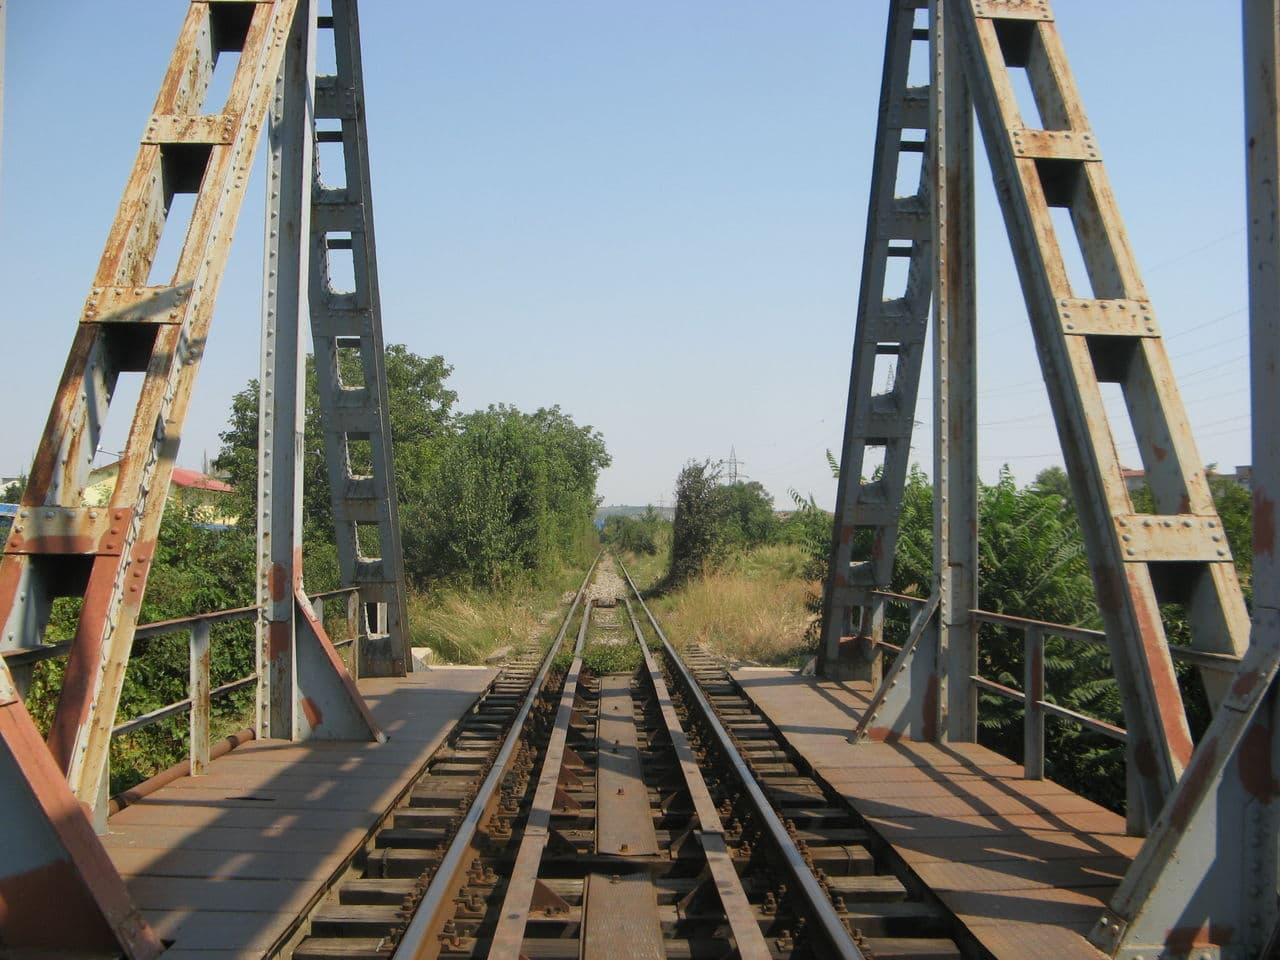 Calea ferată directă Oradea Vest - Episcopia Bihor IMG_0016